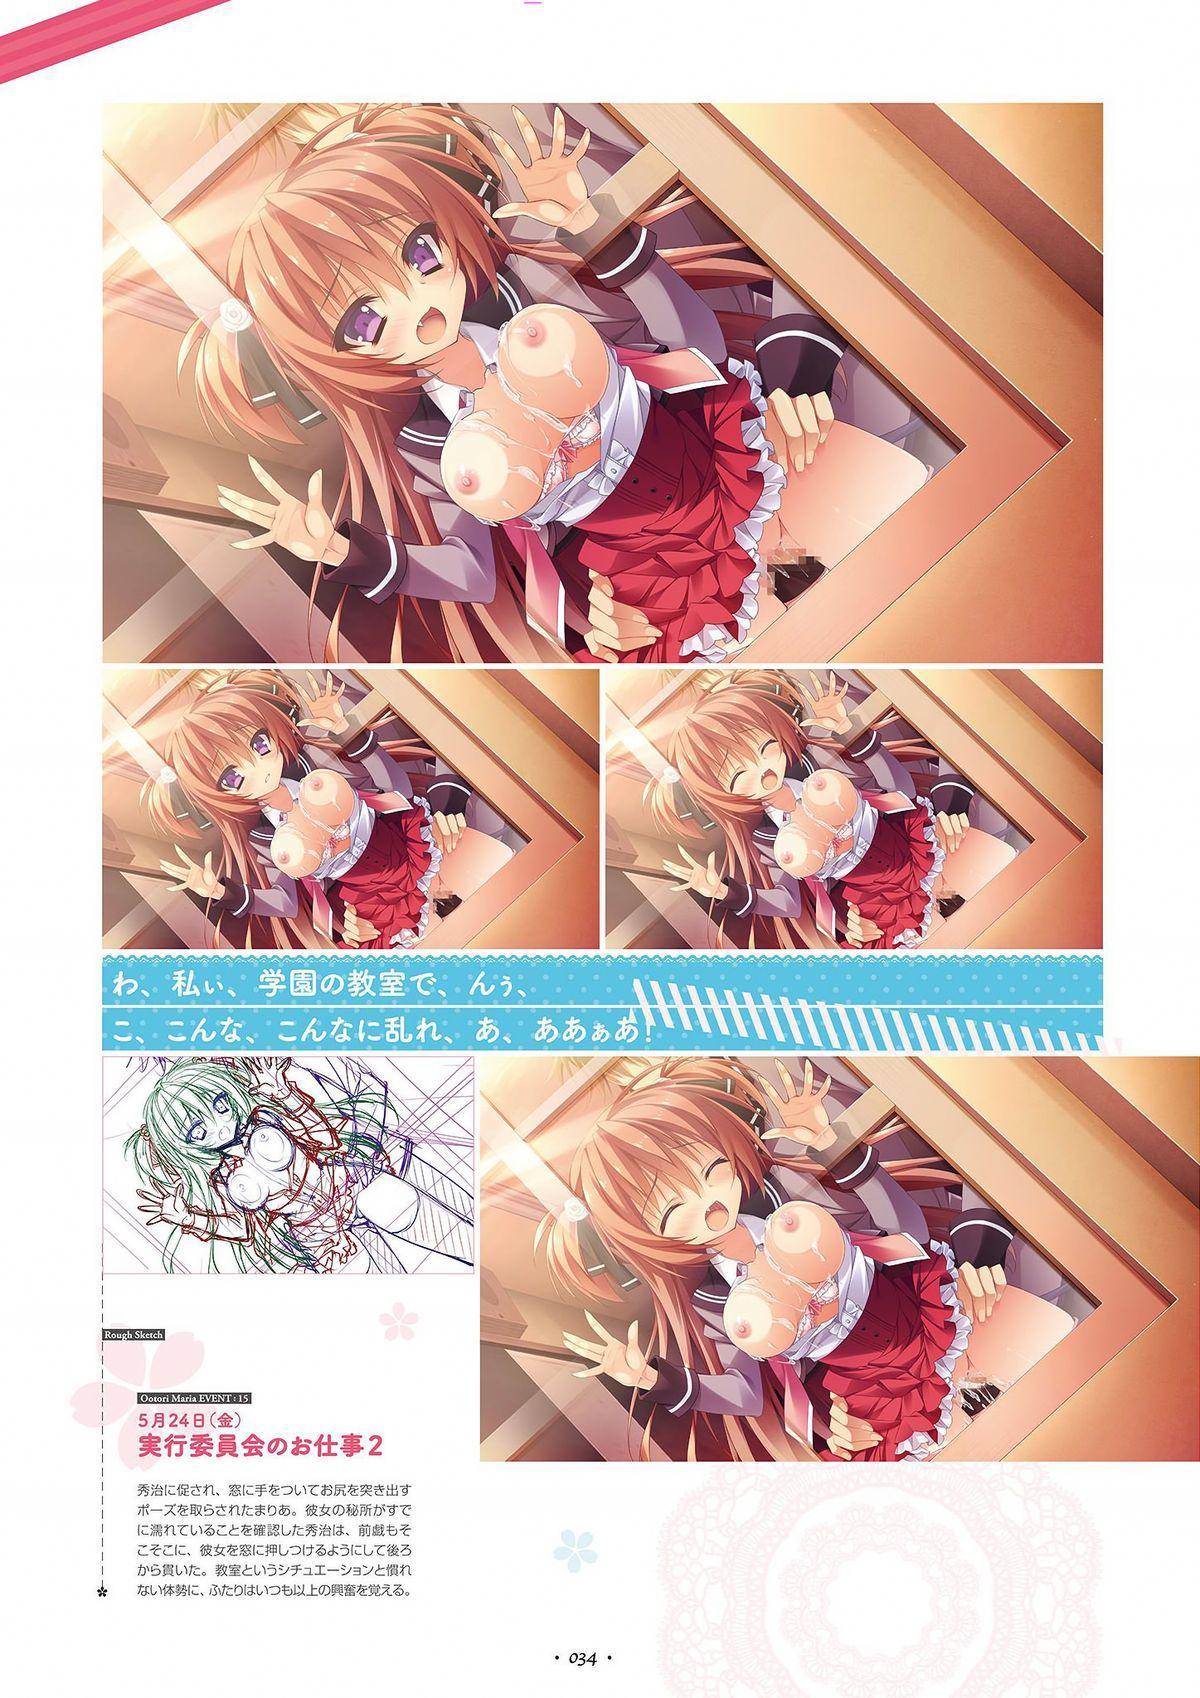 Shukufuku no Kane no Oto wa, Sakura-iro no Kaze to Tomo ni Visual Fanbook 35